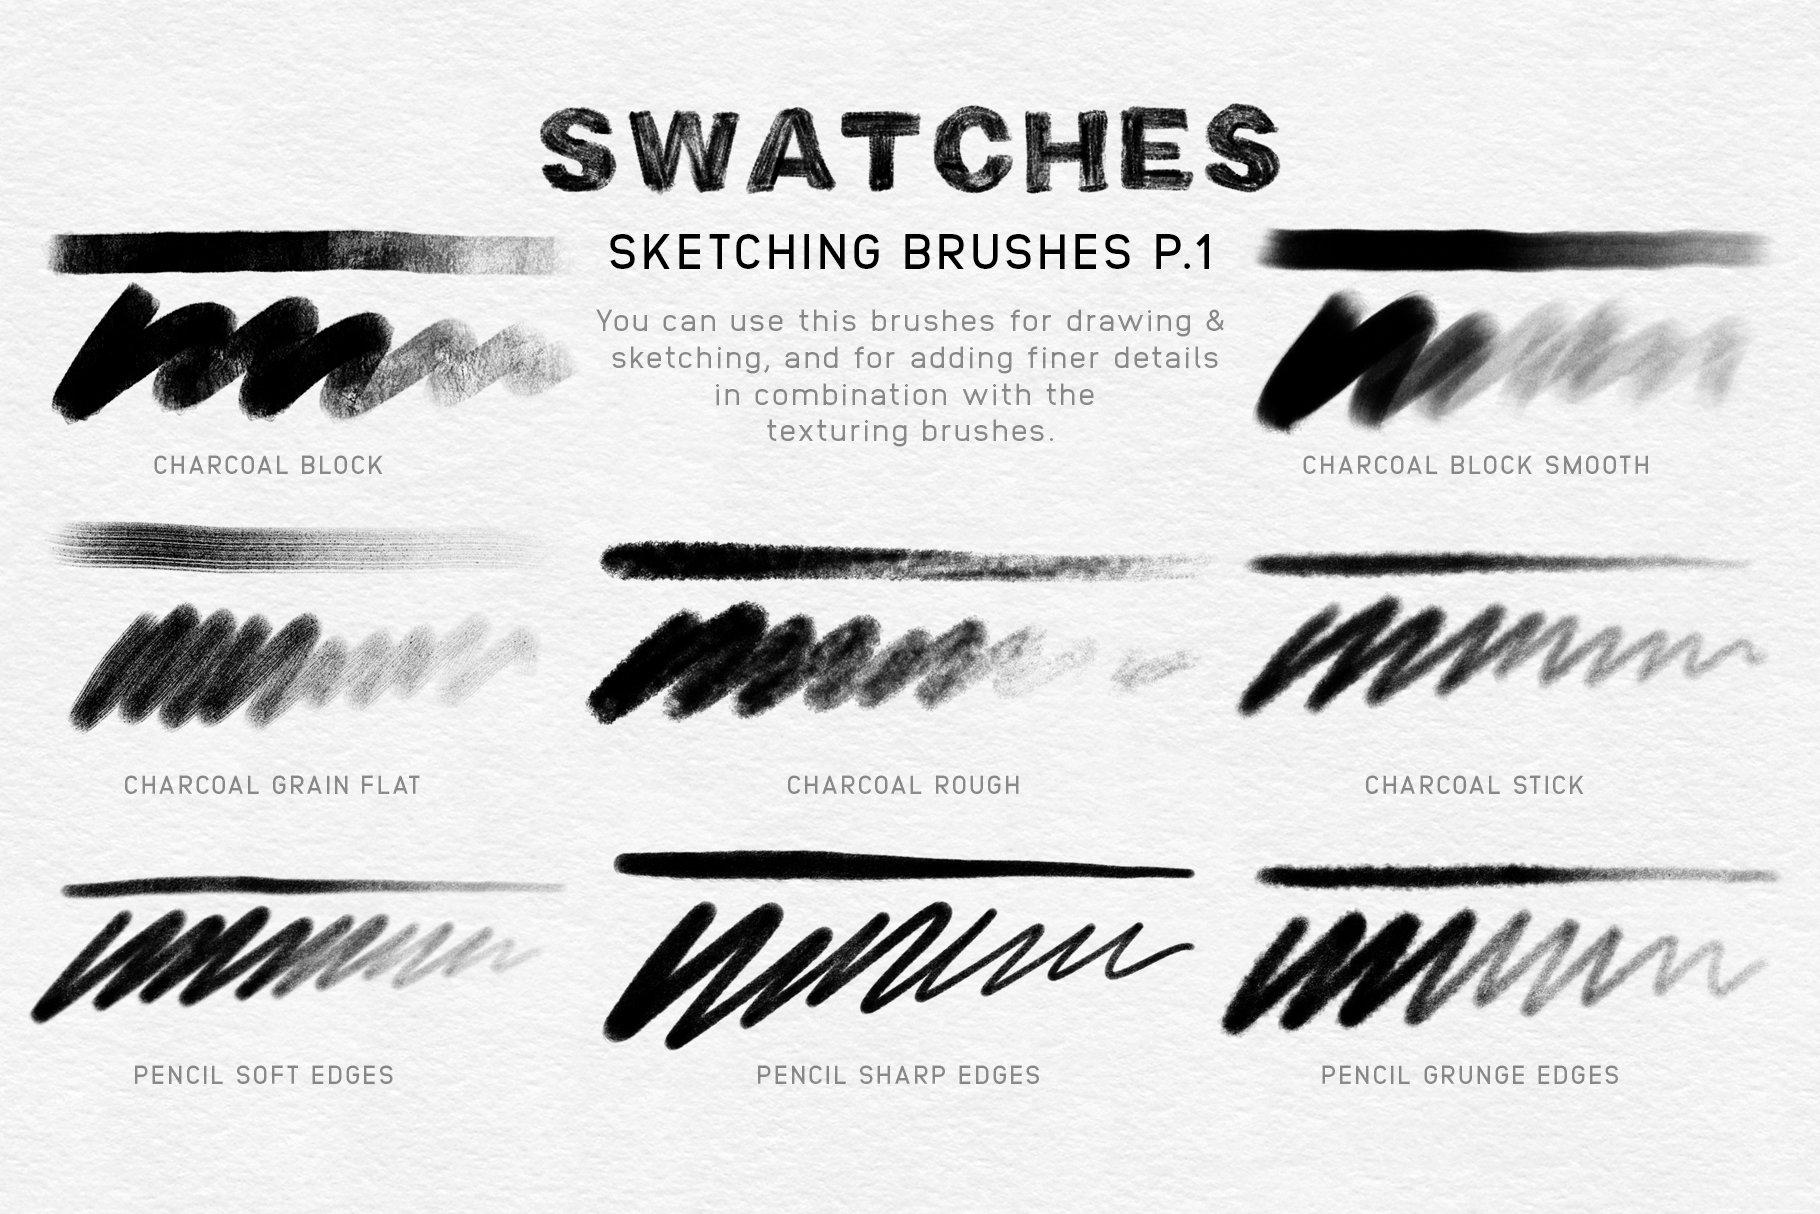 20款木炭铅笔素描绘画画笔Procreate笔刷 Charcoal Procreate Brushes插图(7)